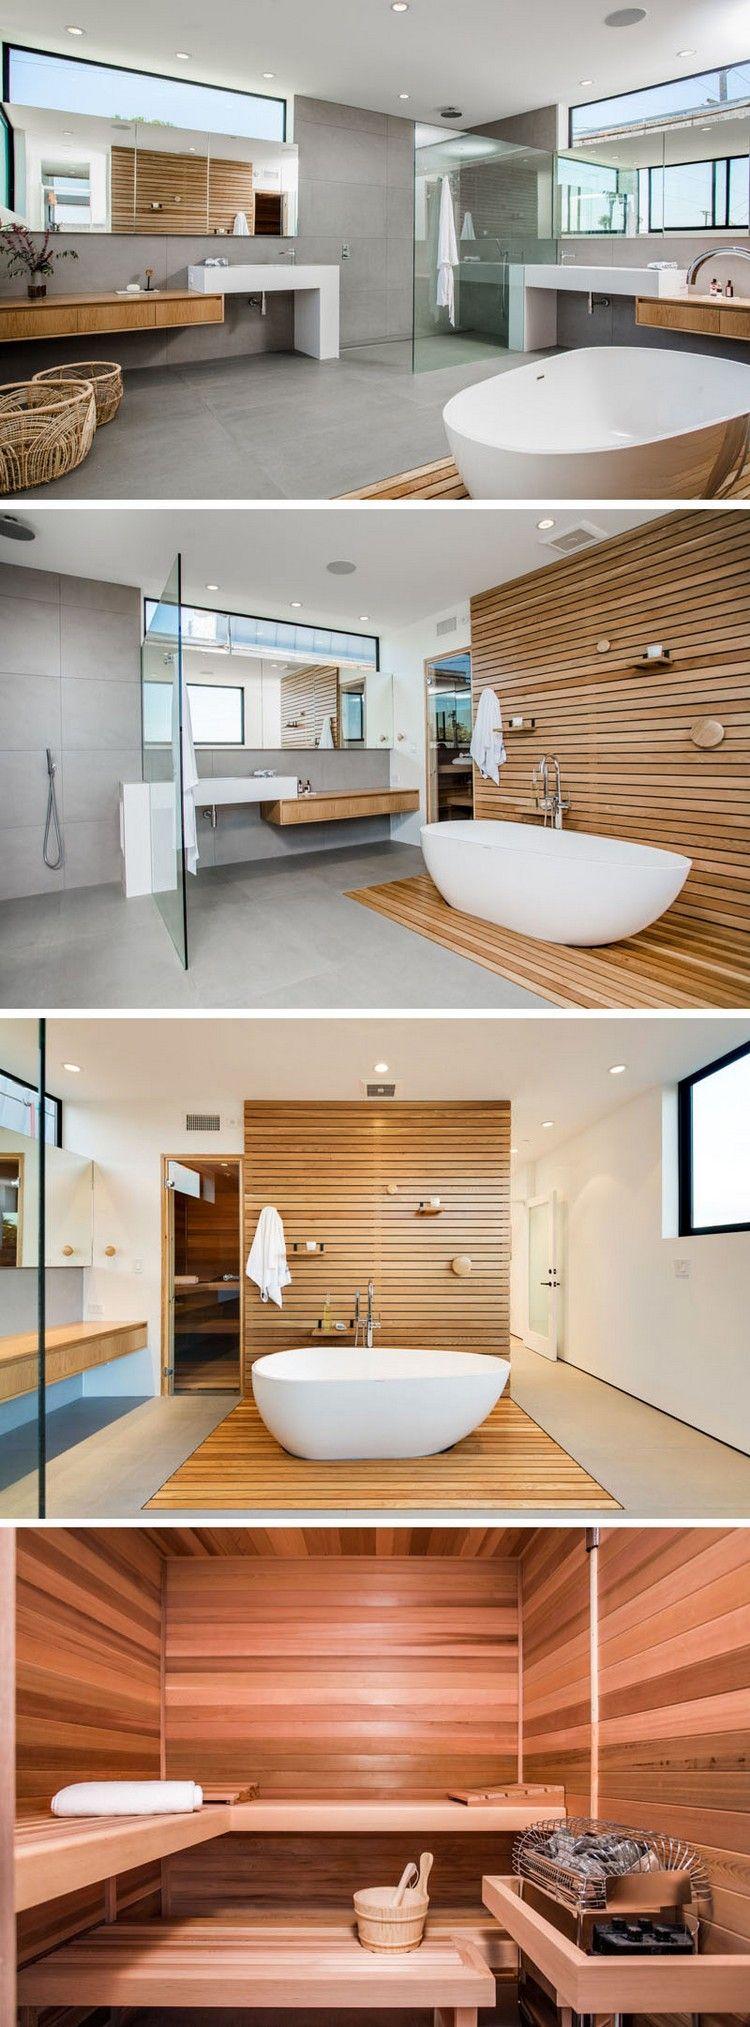 meubles scandinaves vintage dans la salle de bains, parement en bois et baignoire îlot